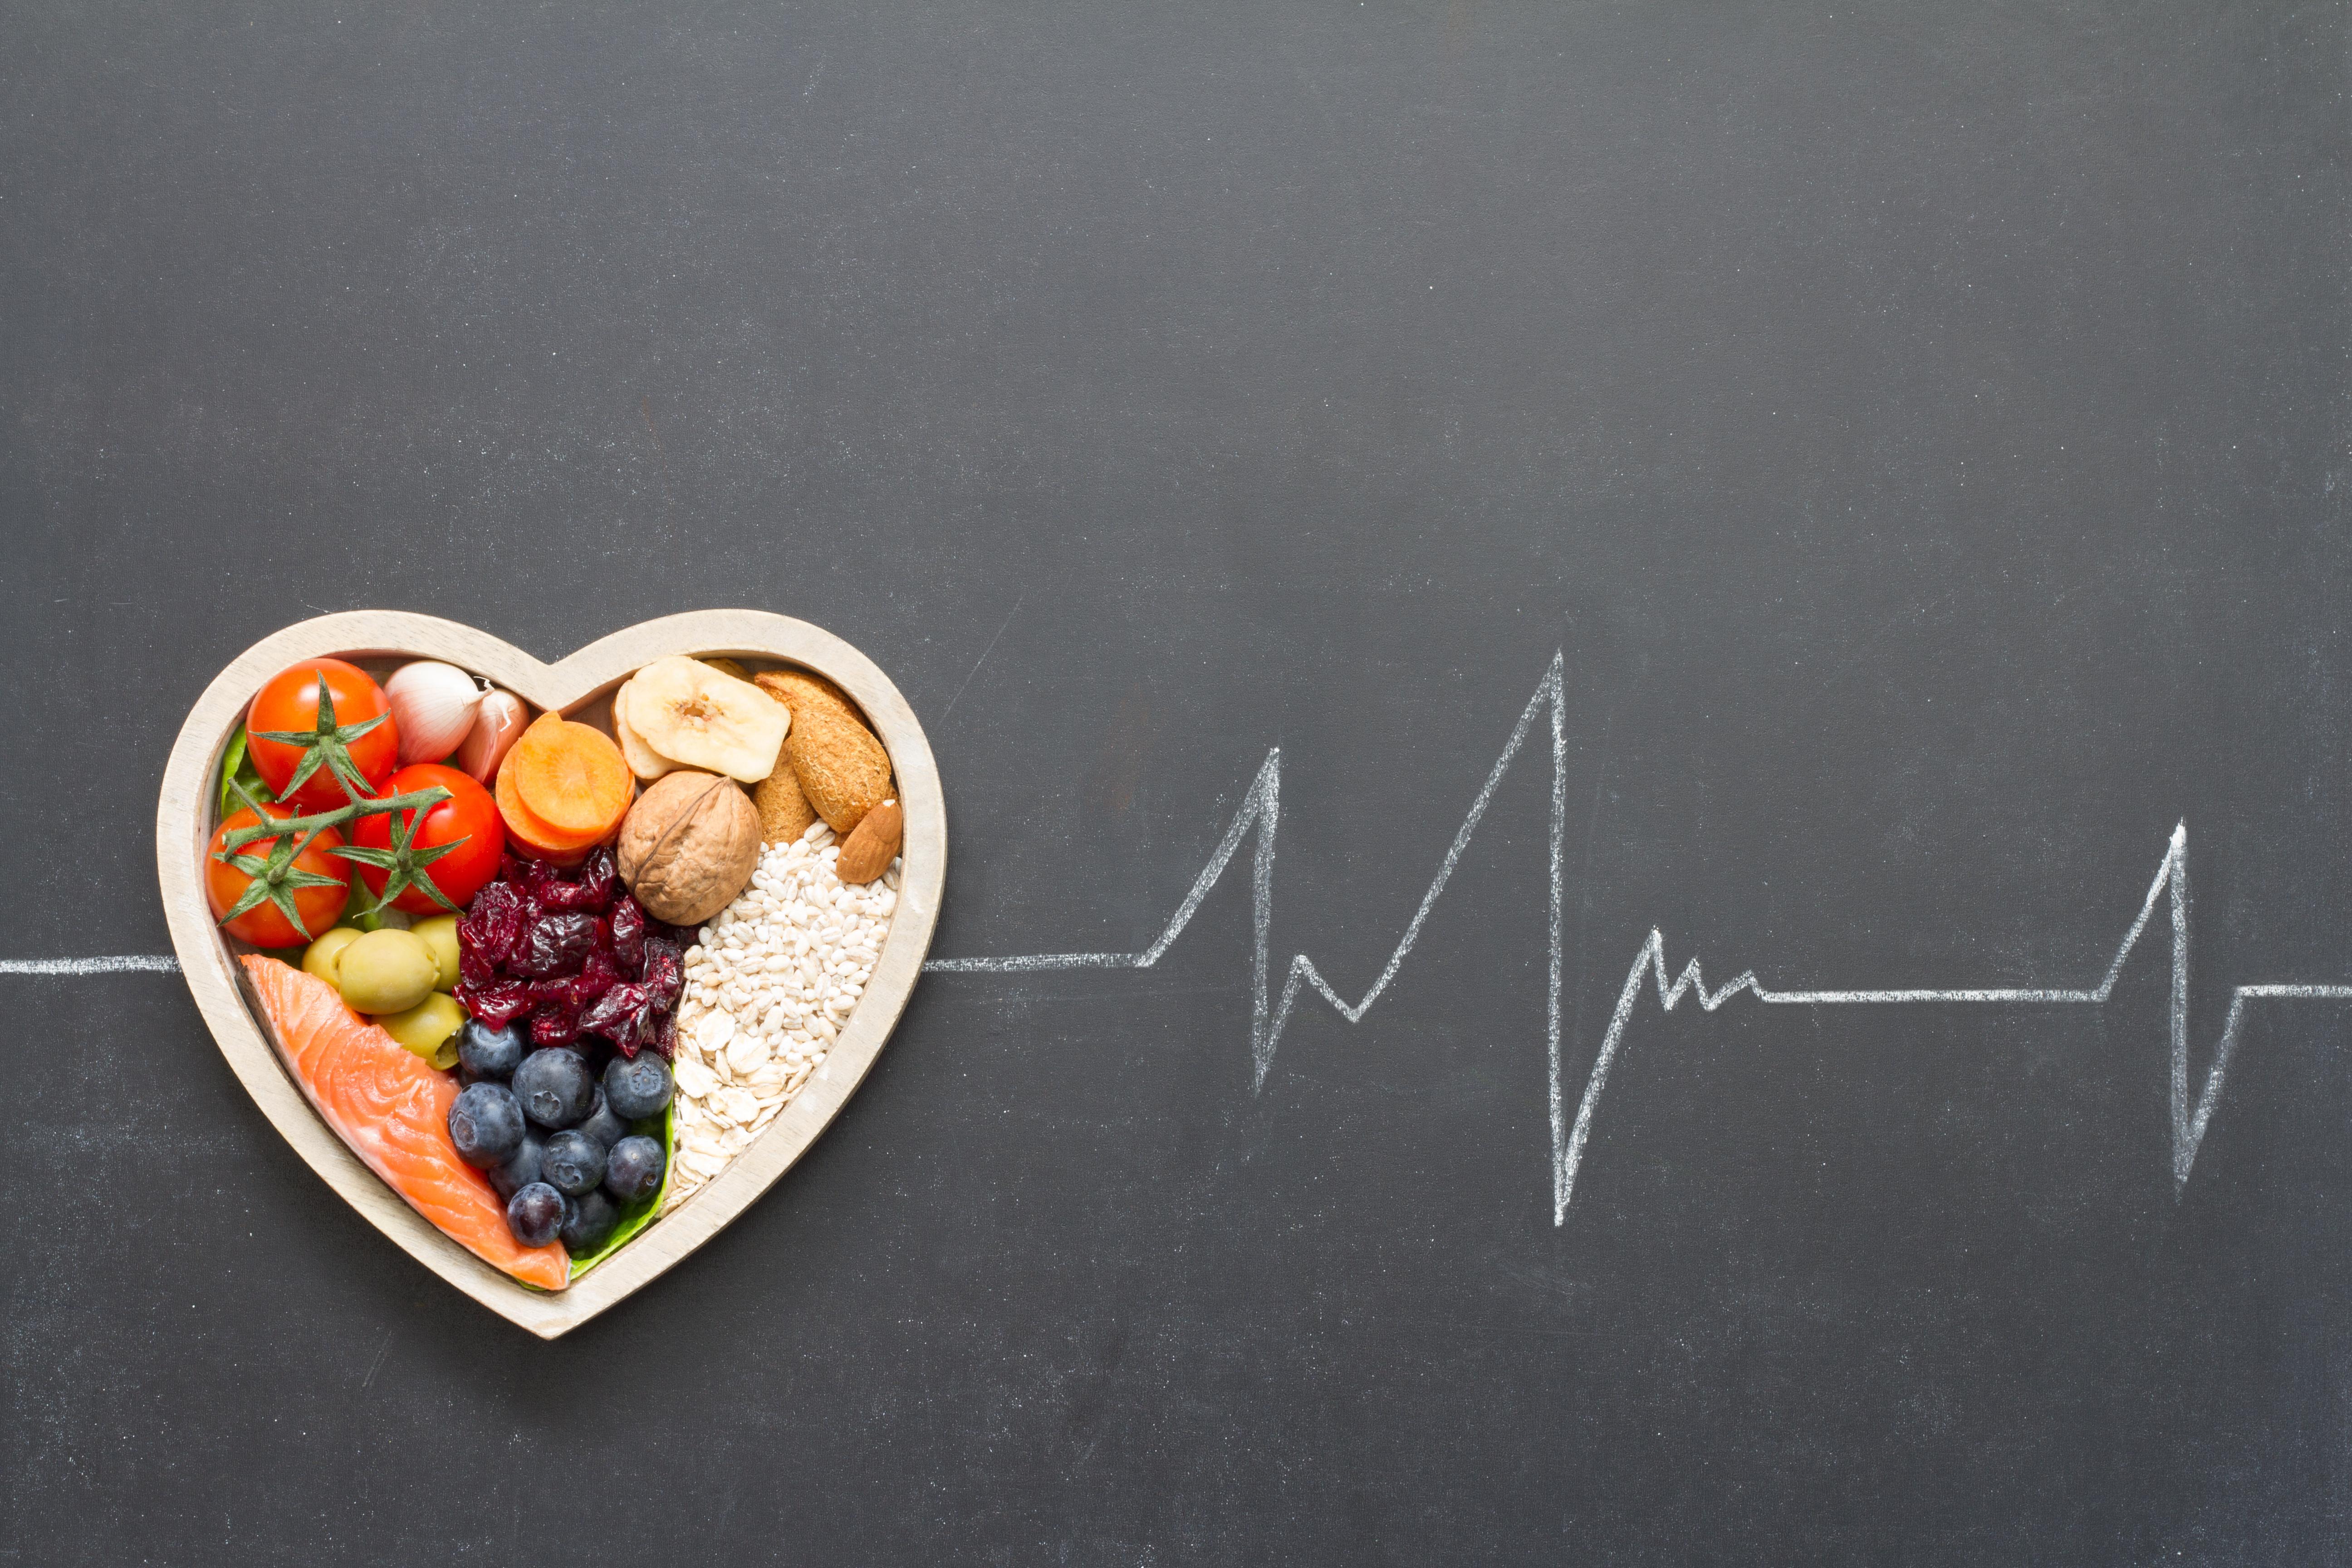 Nutrition, Heath and Medicine